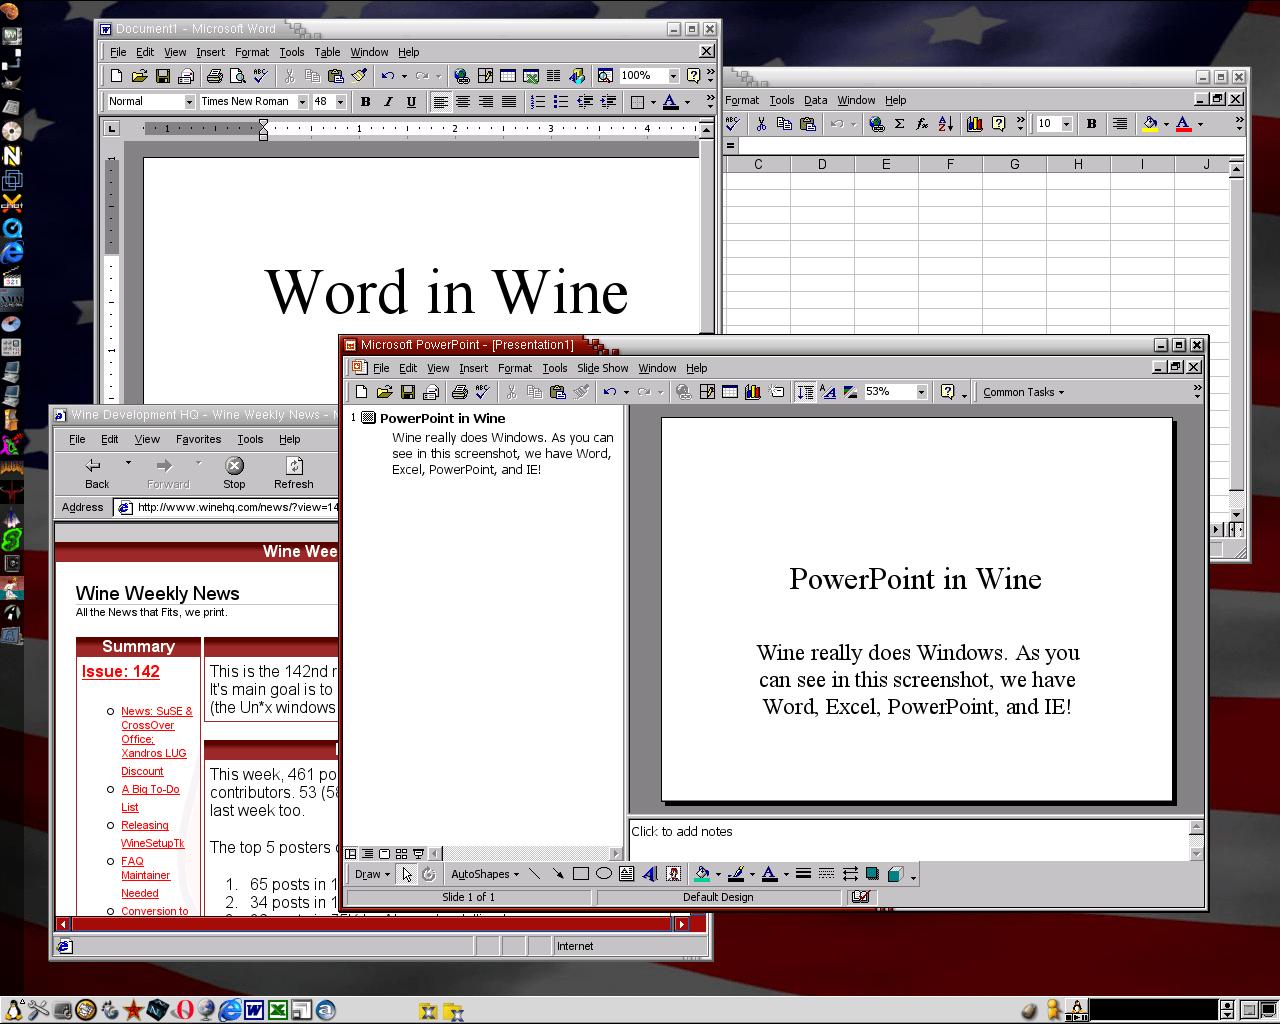 Wine's screenshot